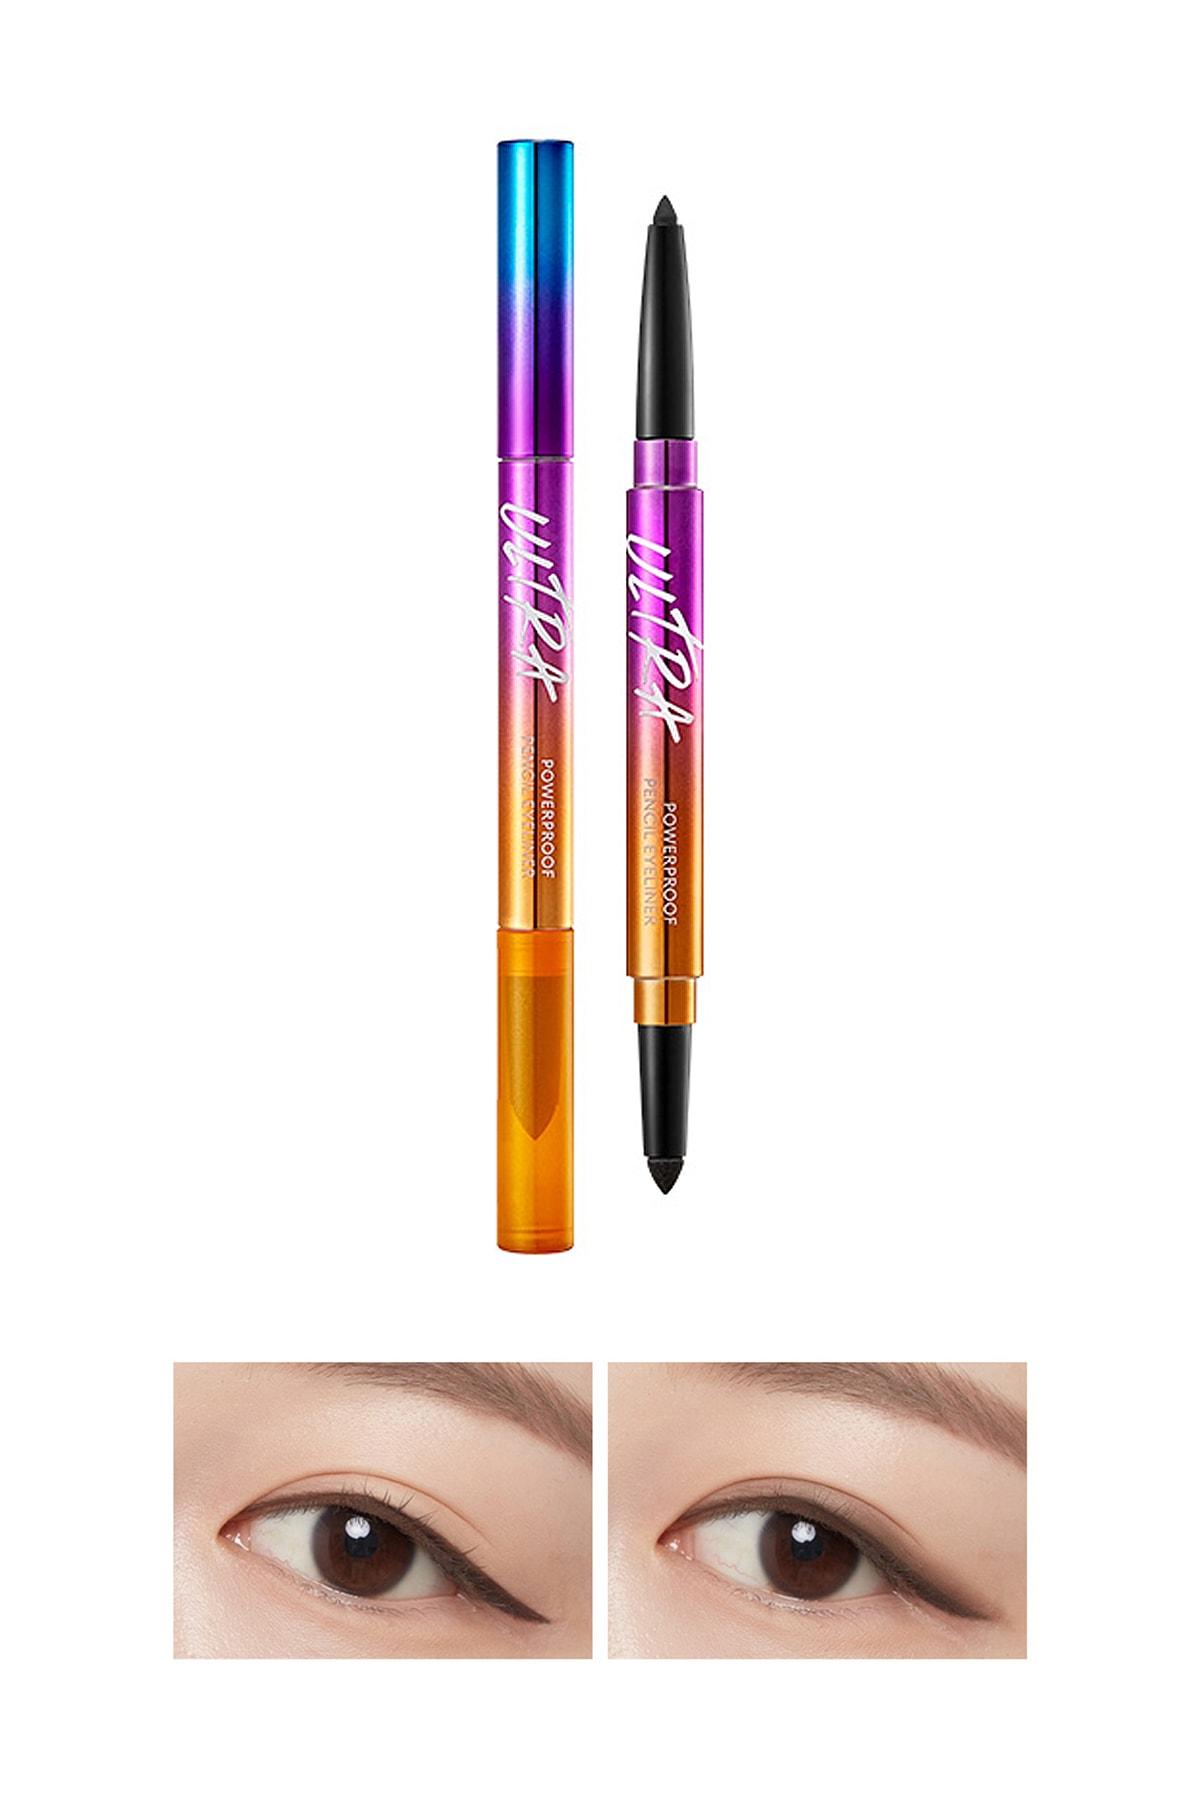 Missha Suya Dayanıklı Kalıcı Jel Göz Kalemi Ultra Powerproof Pencil Eyeliner Ash Brown 0